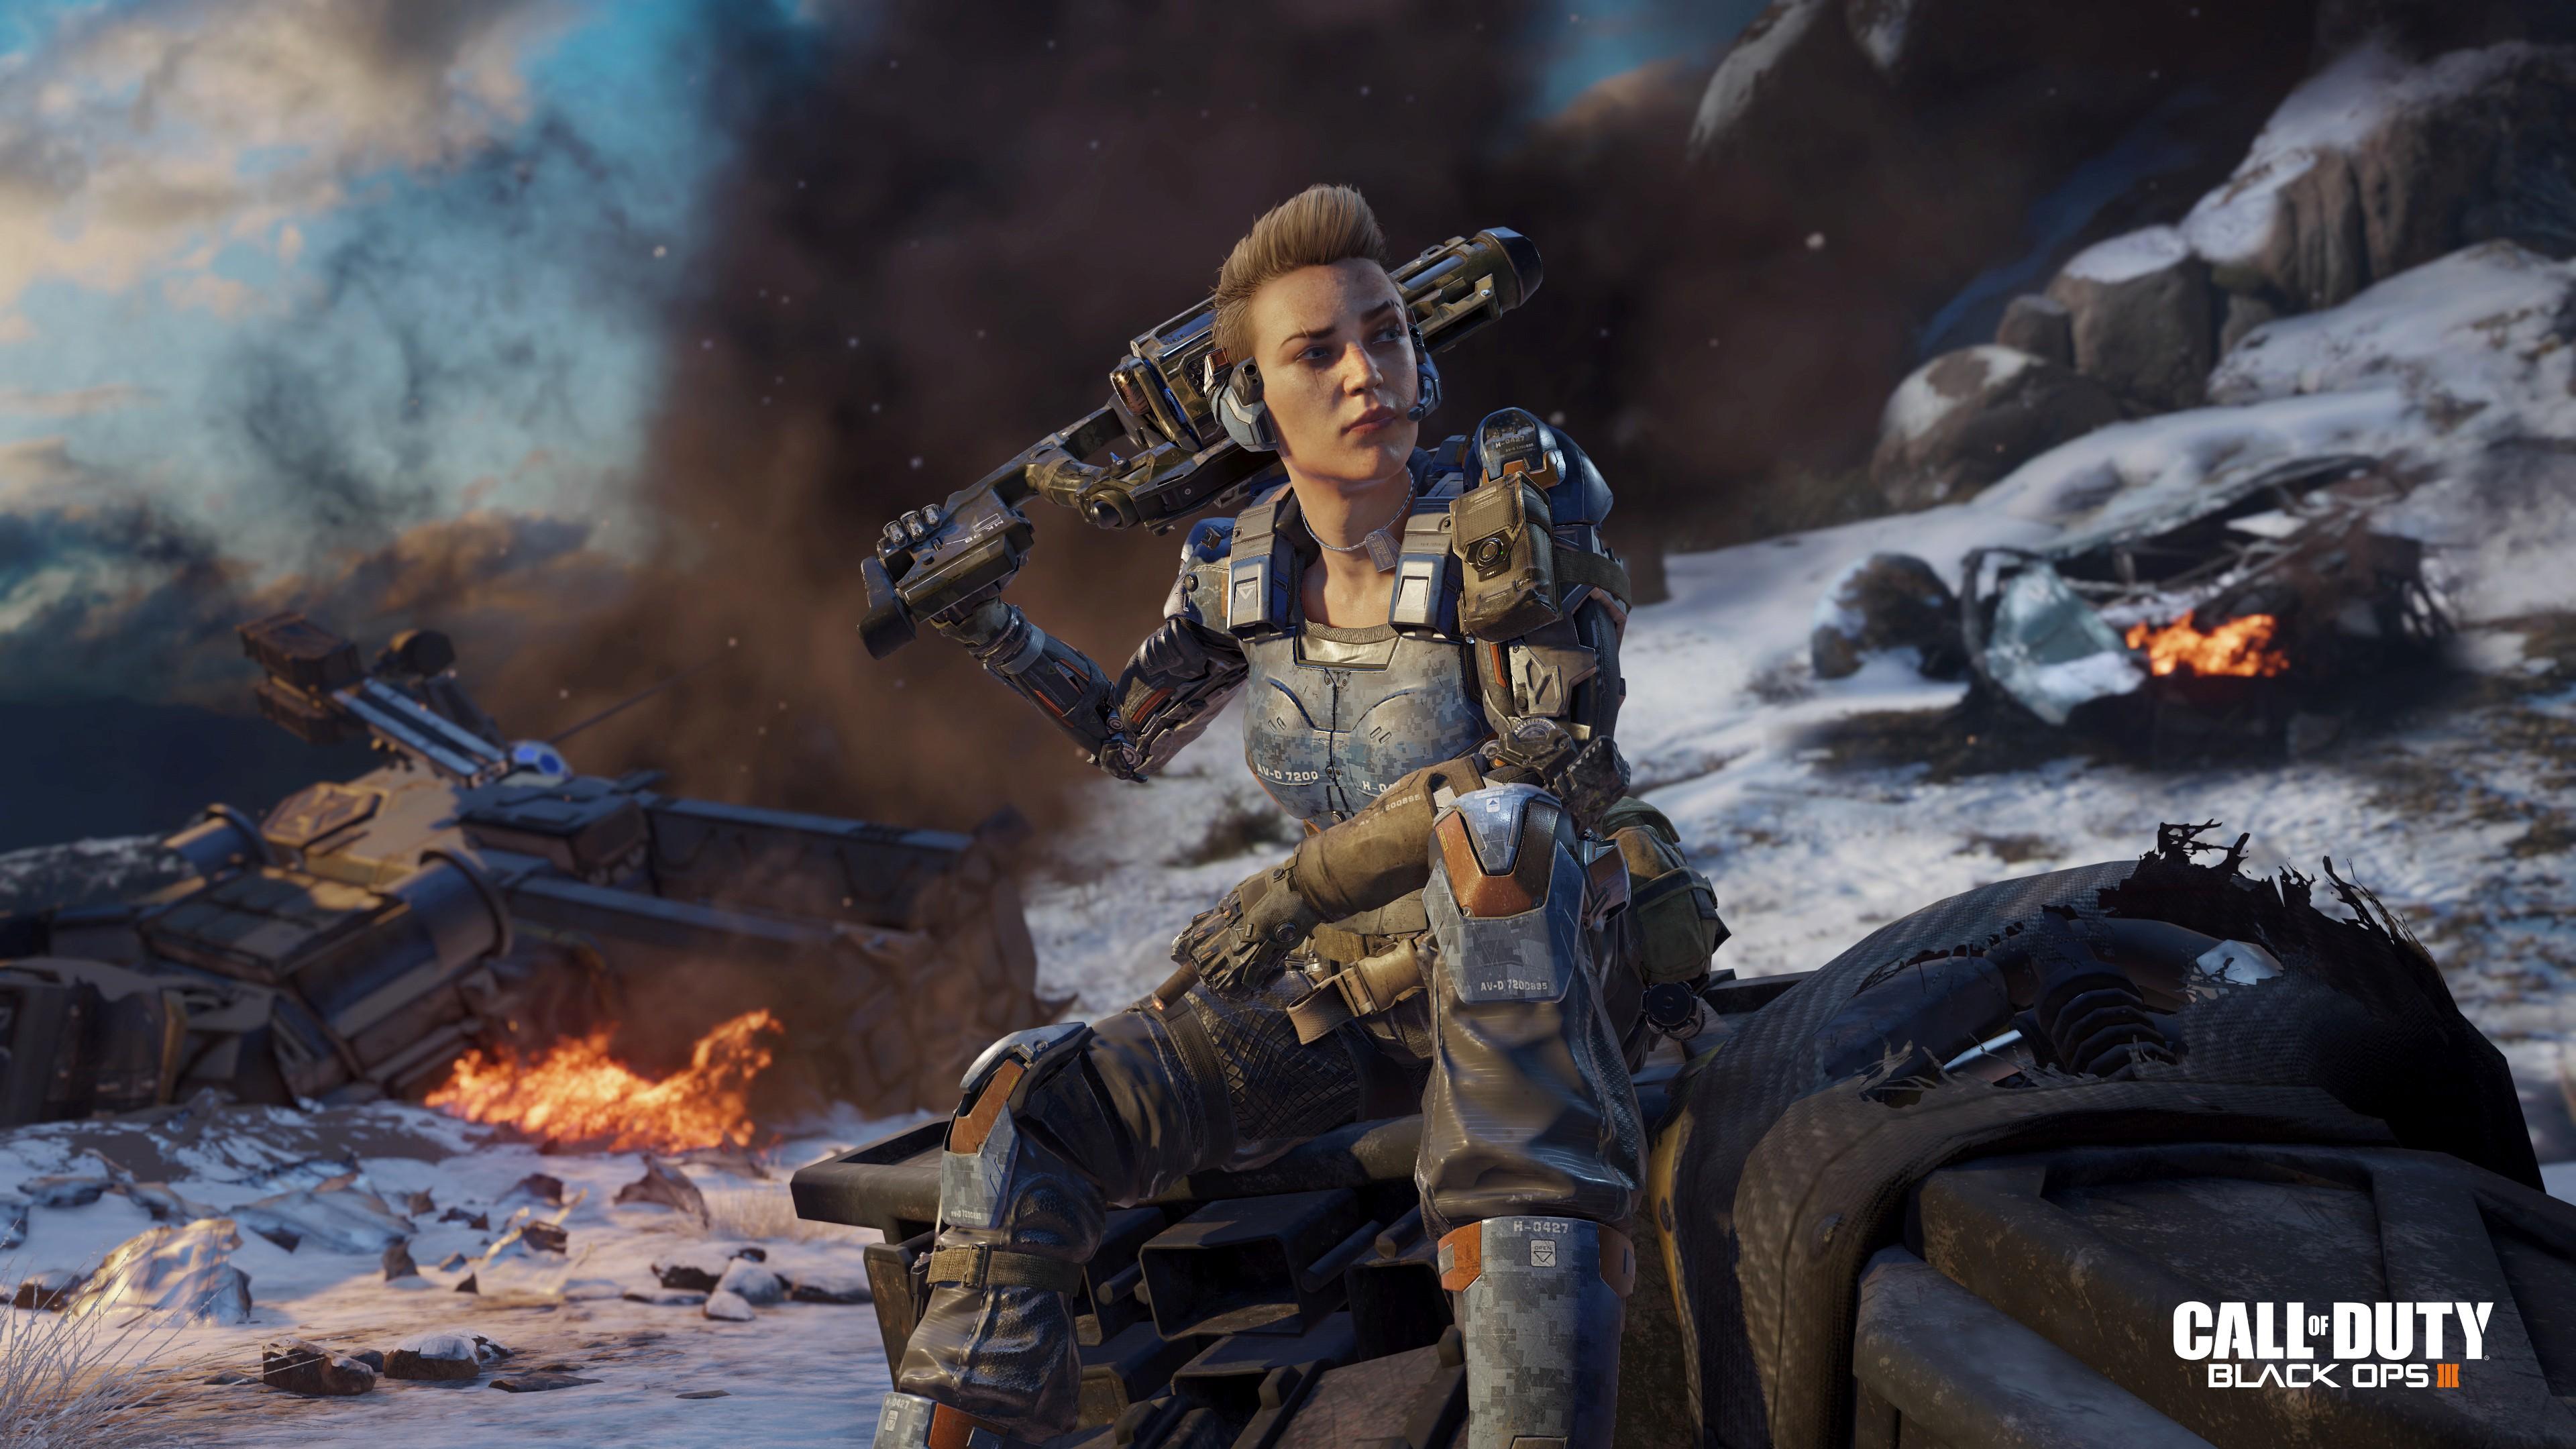 Cod Black Ops 3 Wallpaper: Call Of Duty: Black Ops III 4k Ultra HD Wallpaper